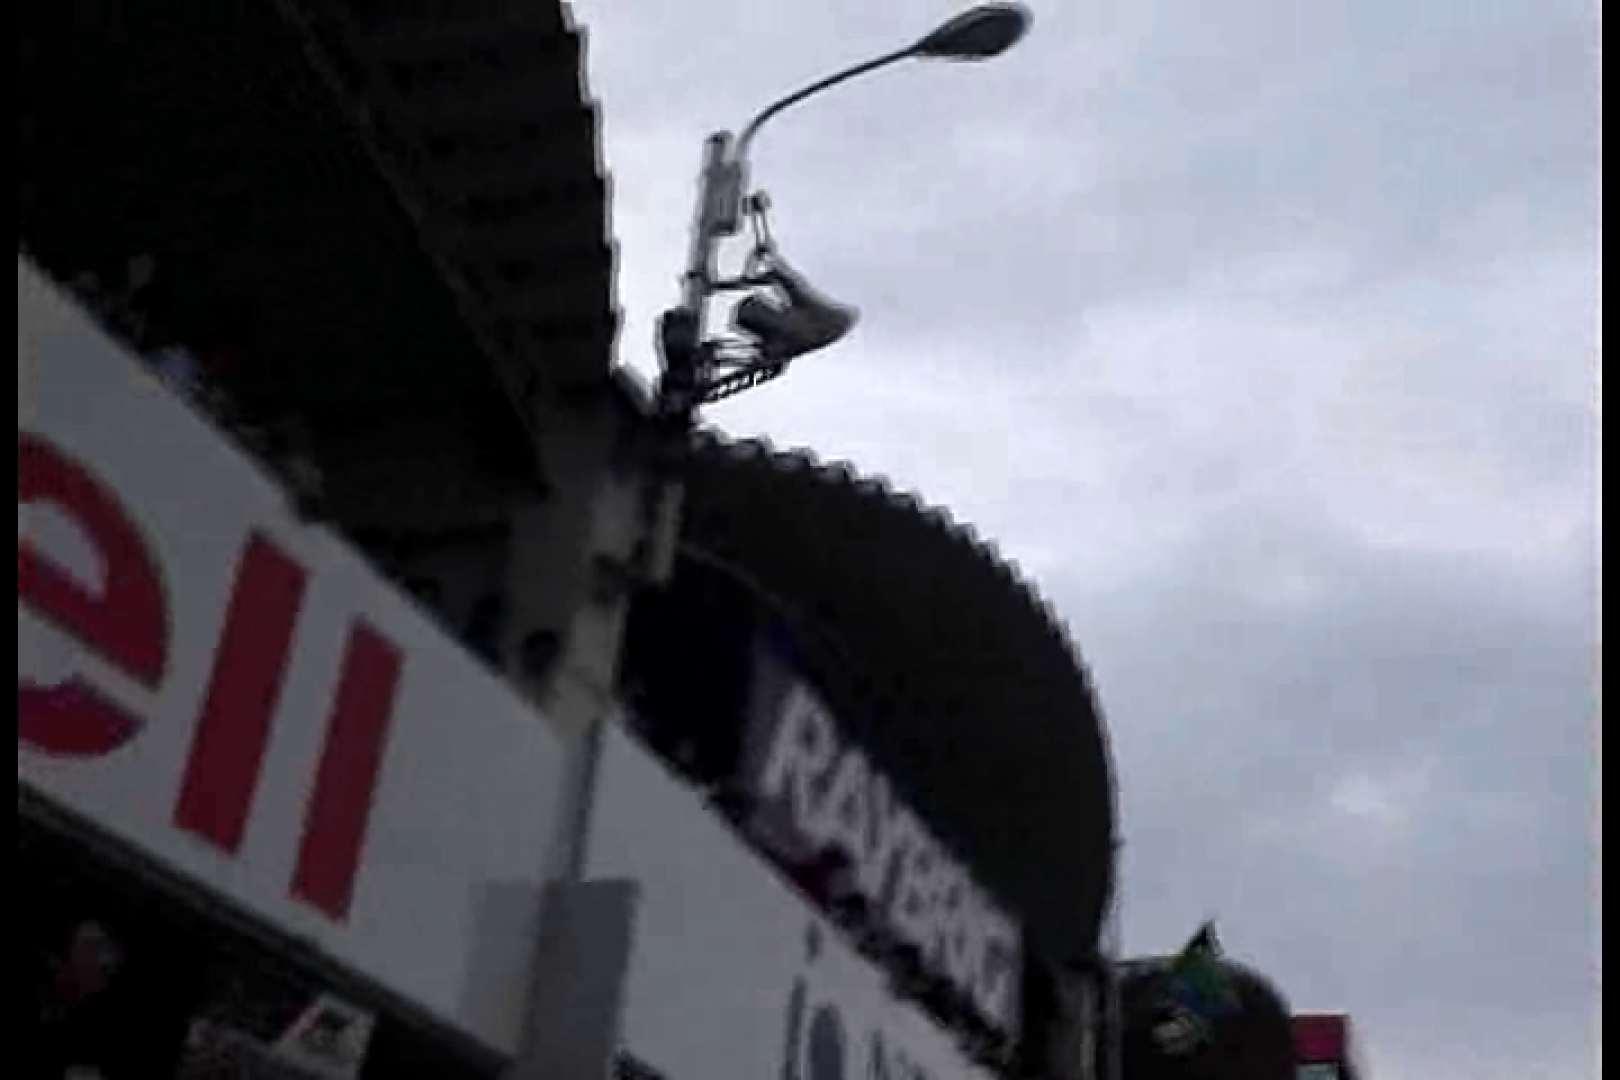 RQカメラ地獄Vol.1 盗撮  90枚 41